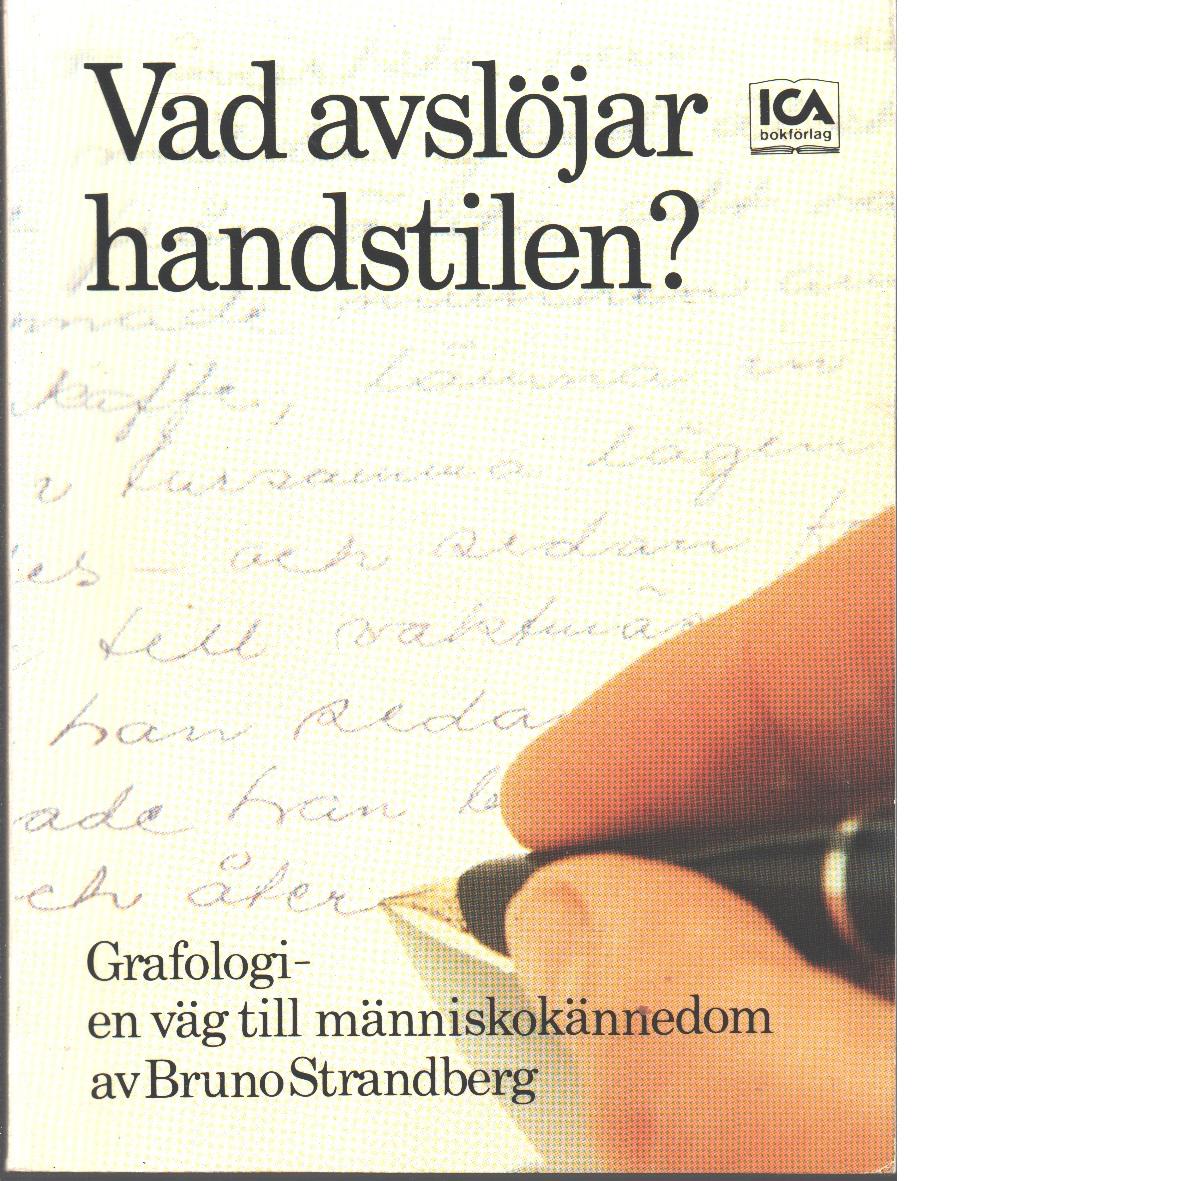 Vad avslöjar handstilen? : grafologi - en väg till människokännedom - Strandberg, Bruno